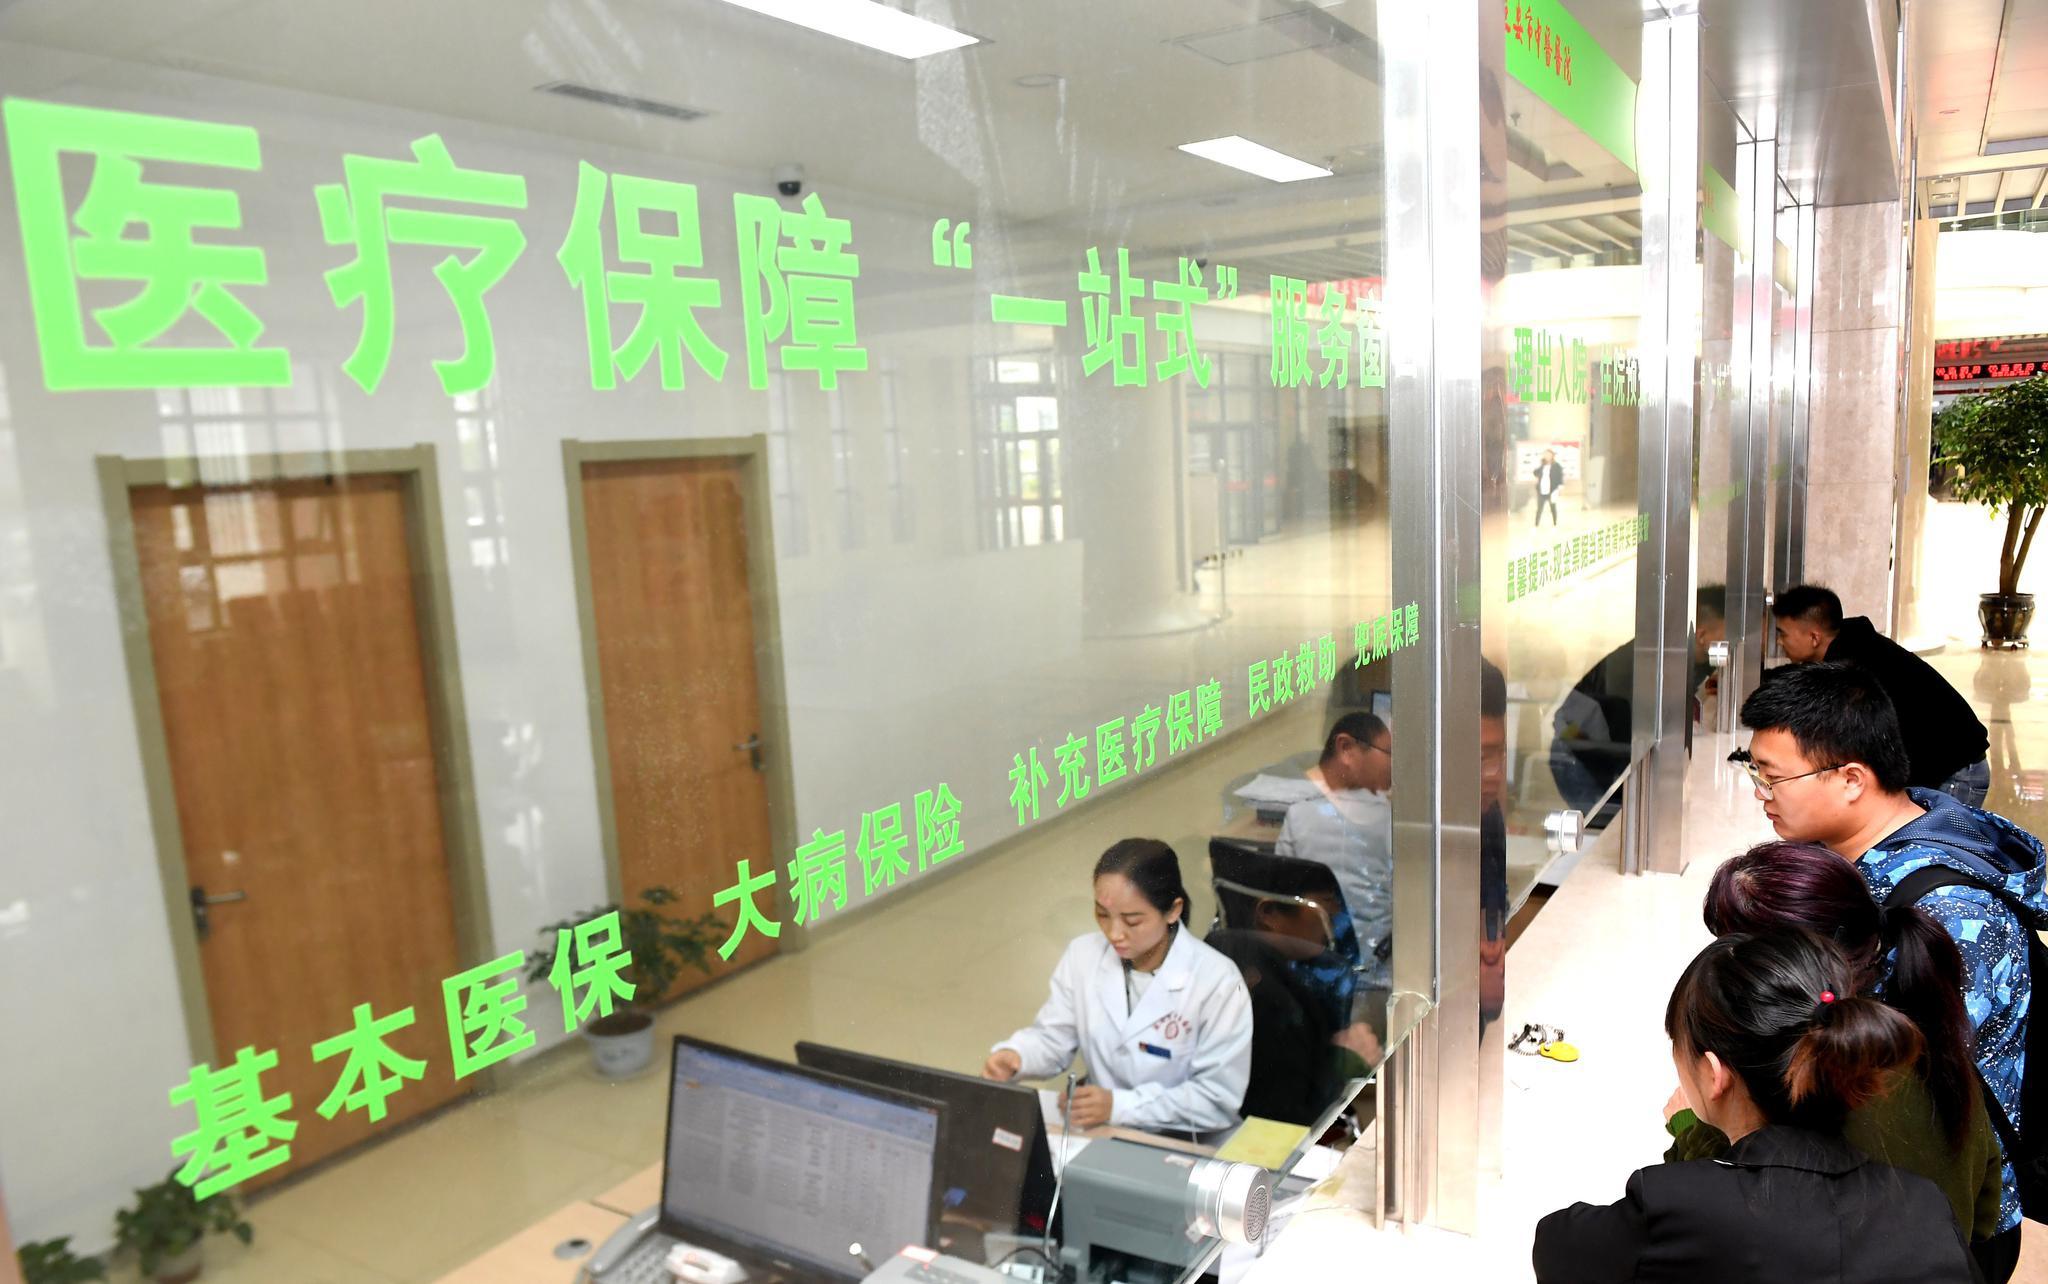 爱博体育信誉-北辰实业:苏州北辰拟信托融资不超16亿元 公司将为其提供连带责任保证担保